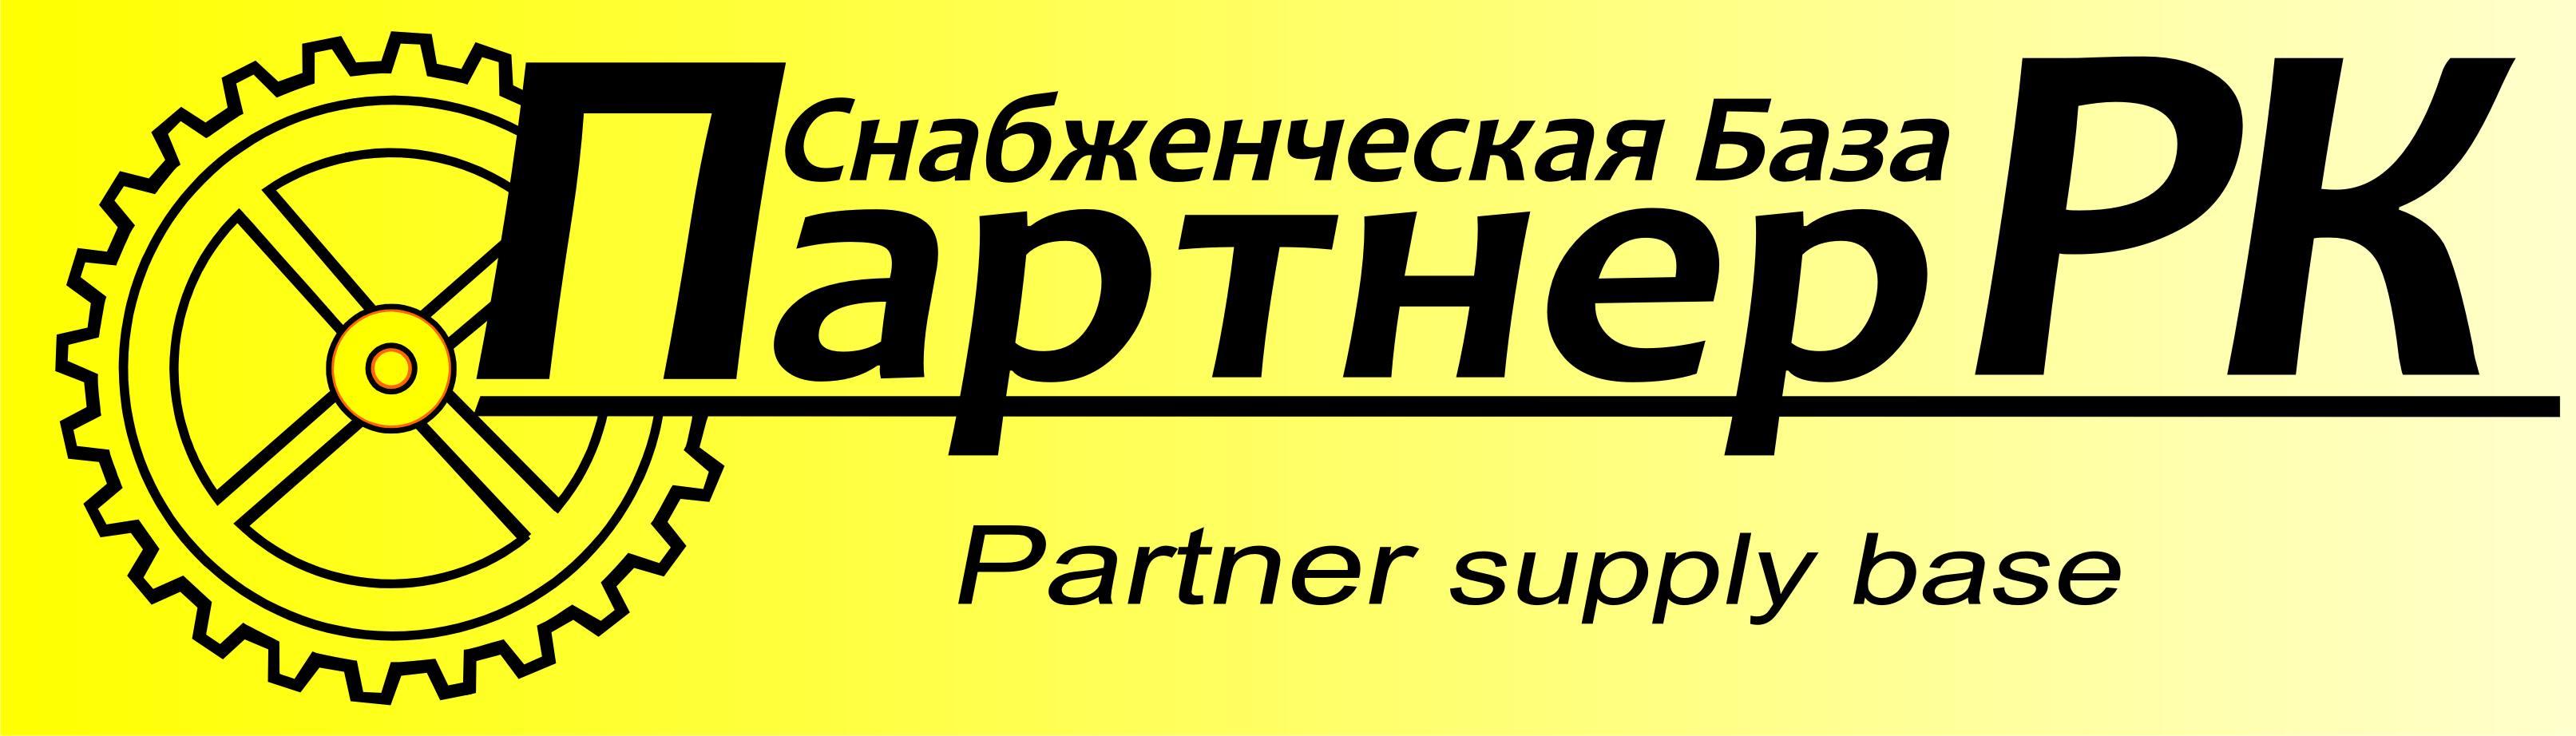 Снабженческая база Партнер РК, ООО - Logo